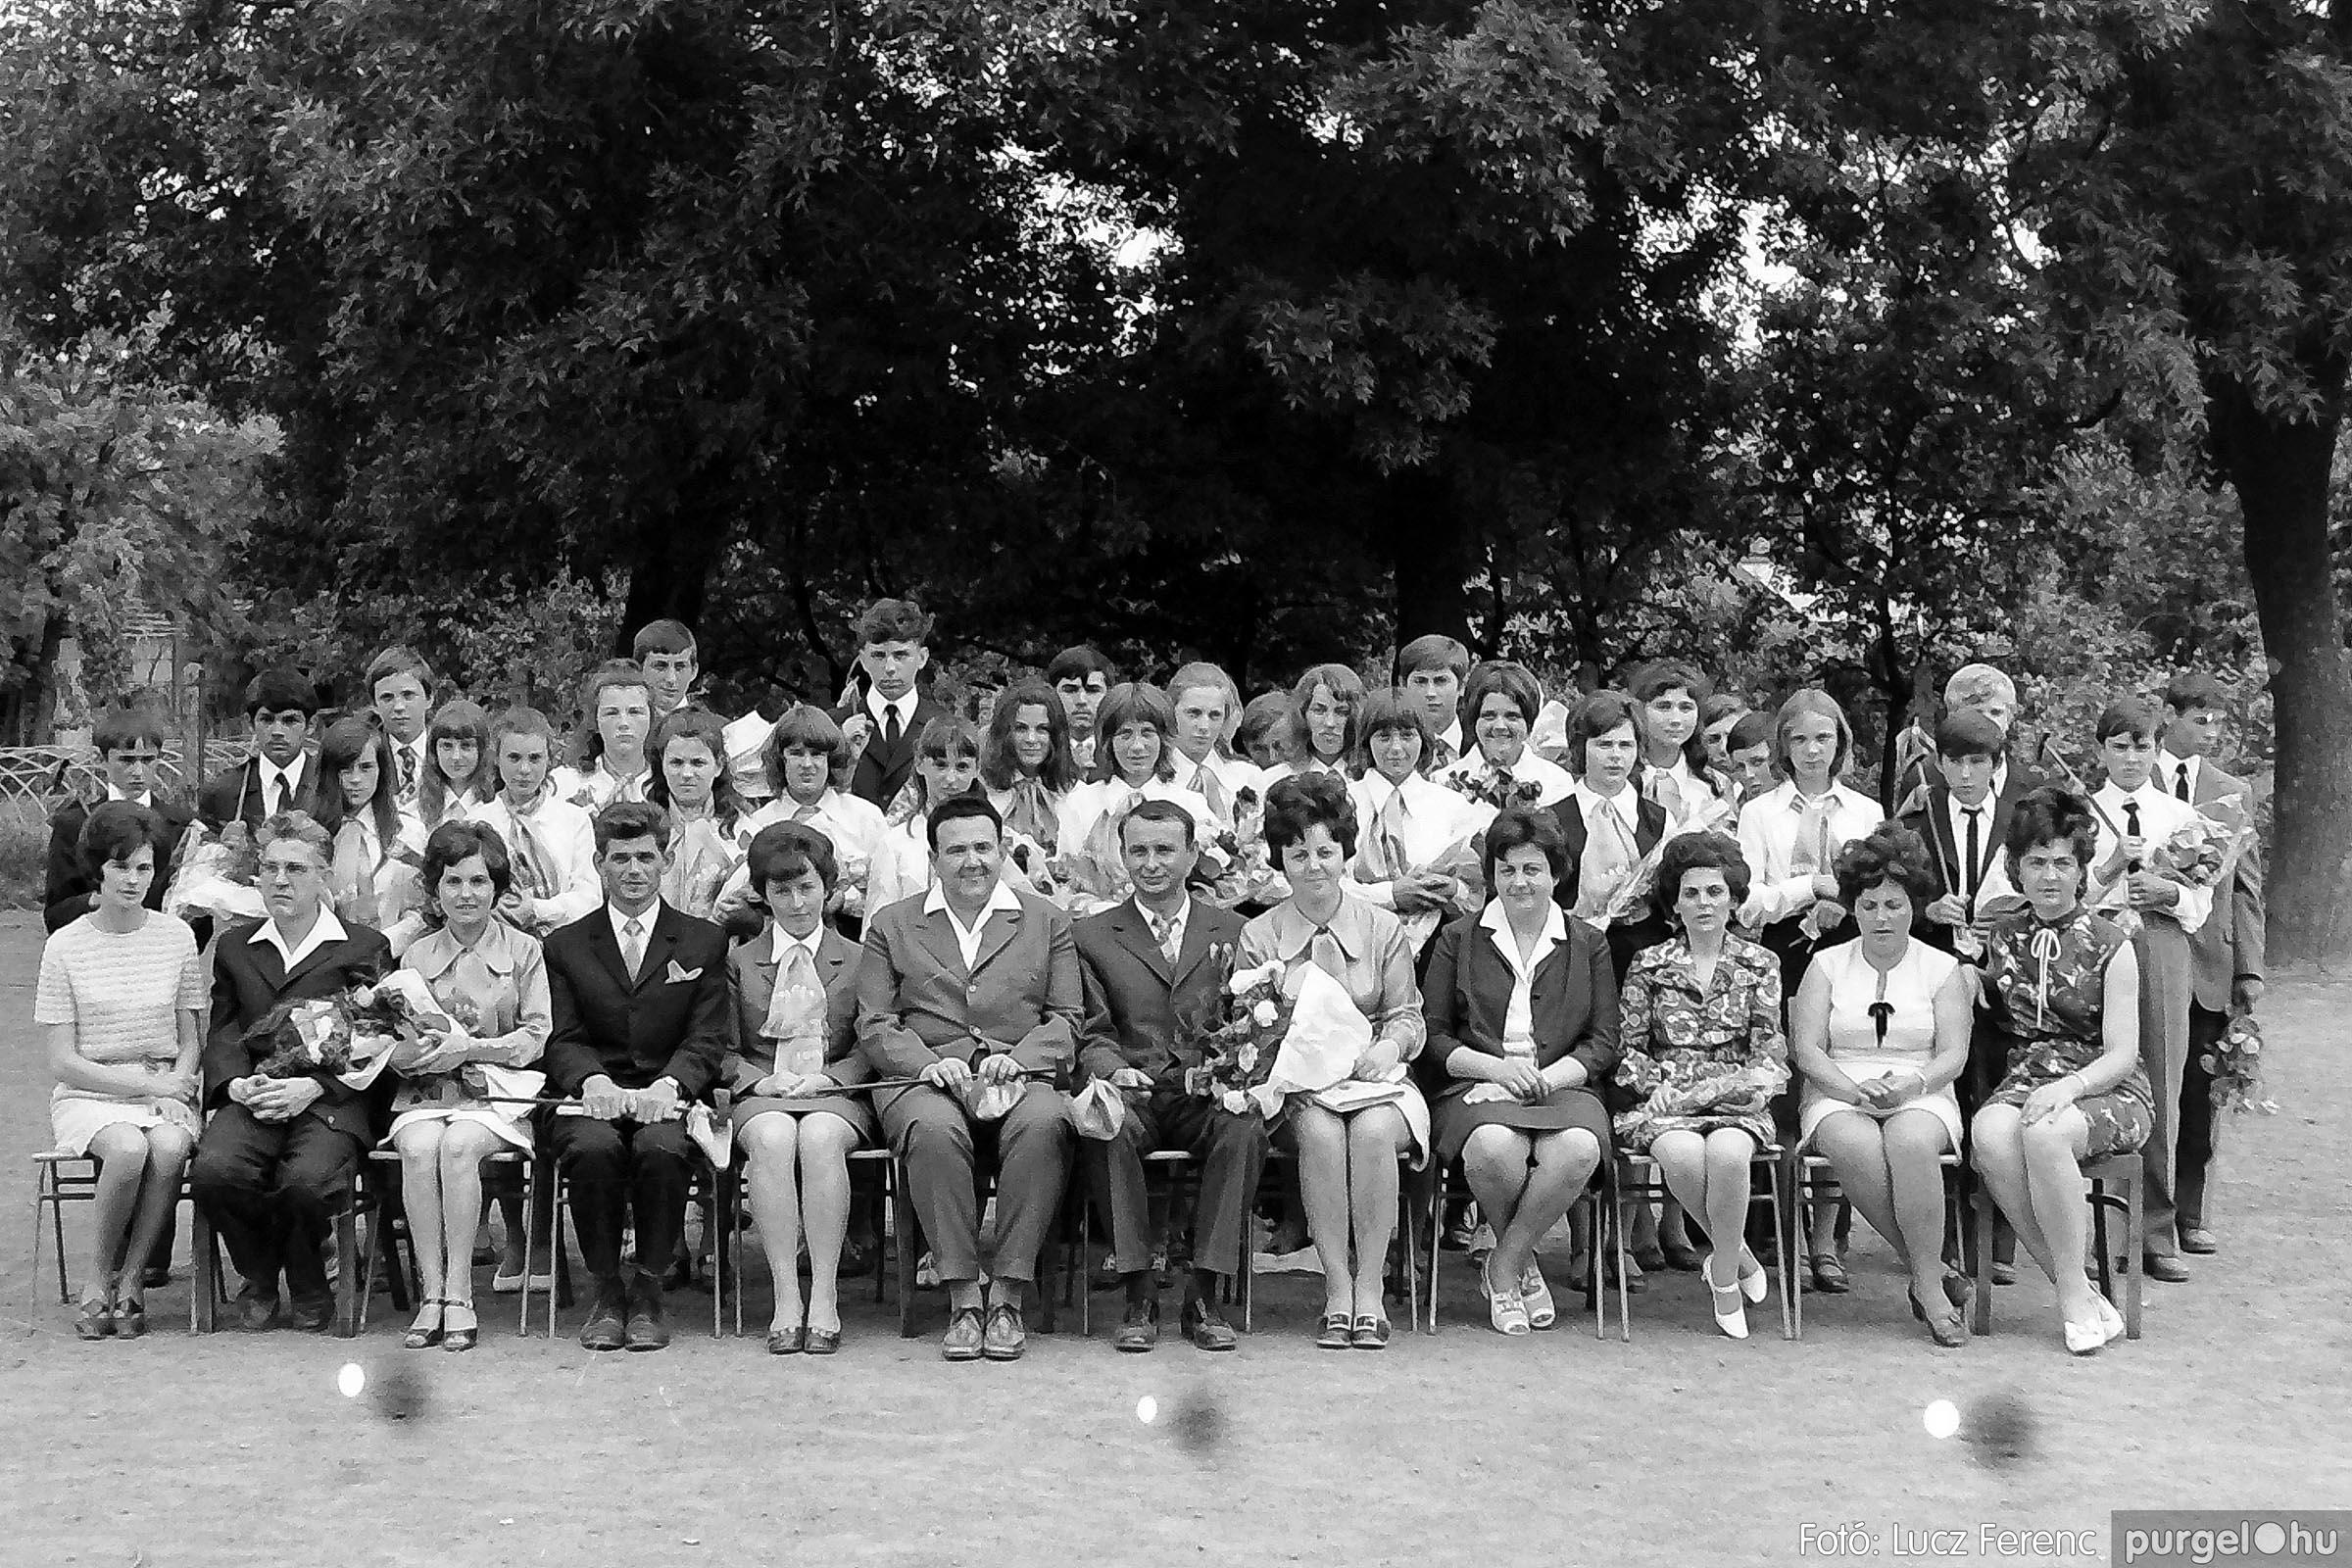 001 1972.05.27. Ballagás a szegvári iskolában 031 - Fotó: Lucz Ferenc - IMG01053q.jpg